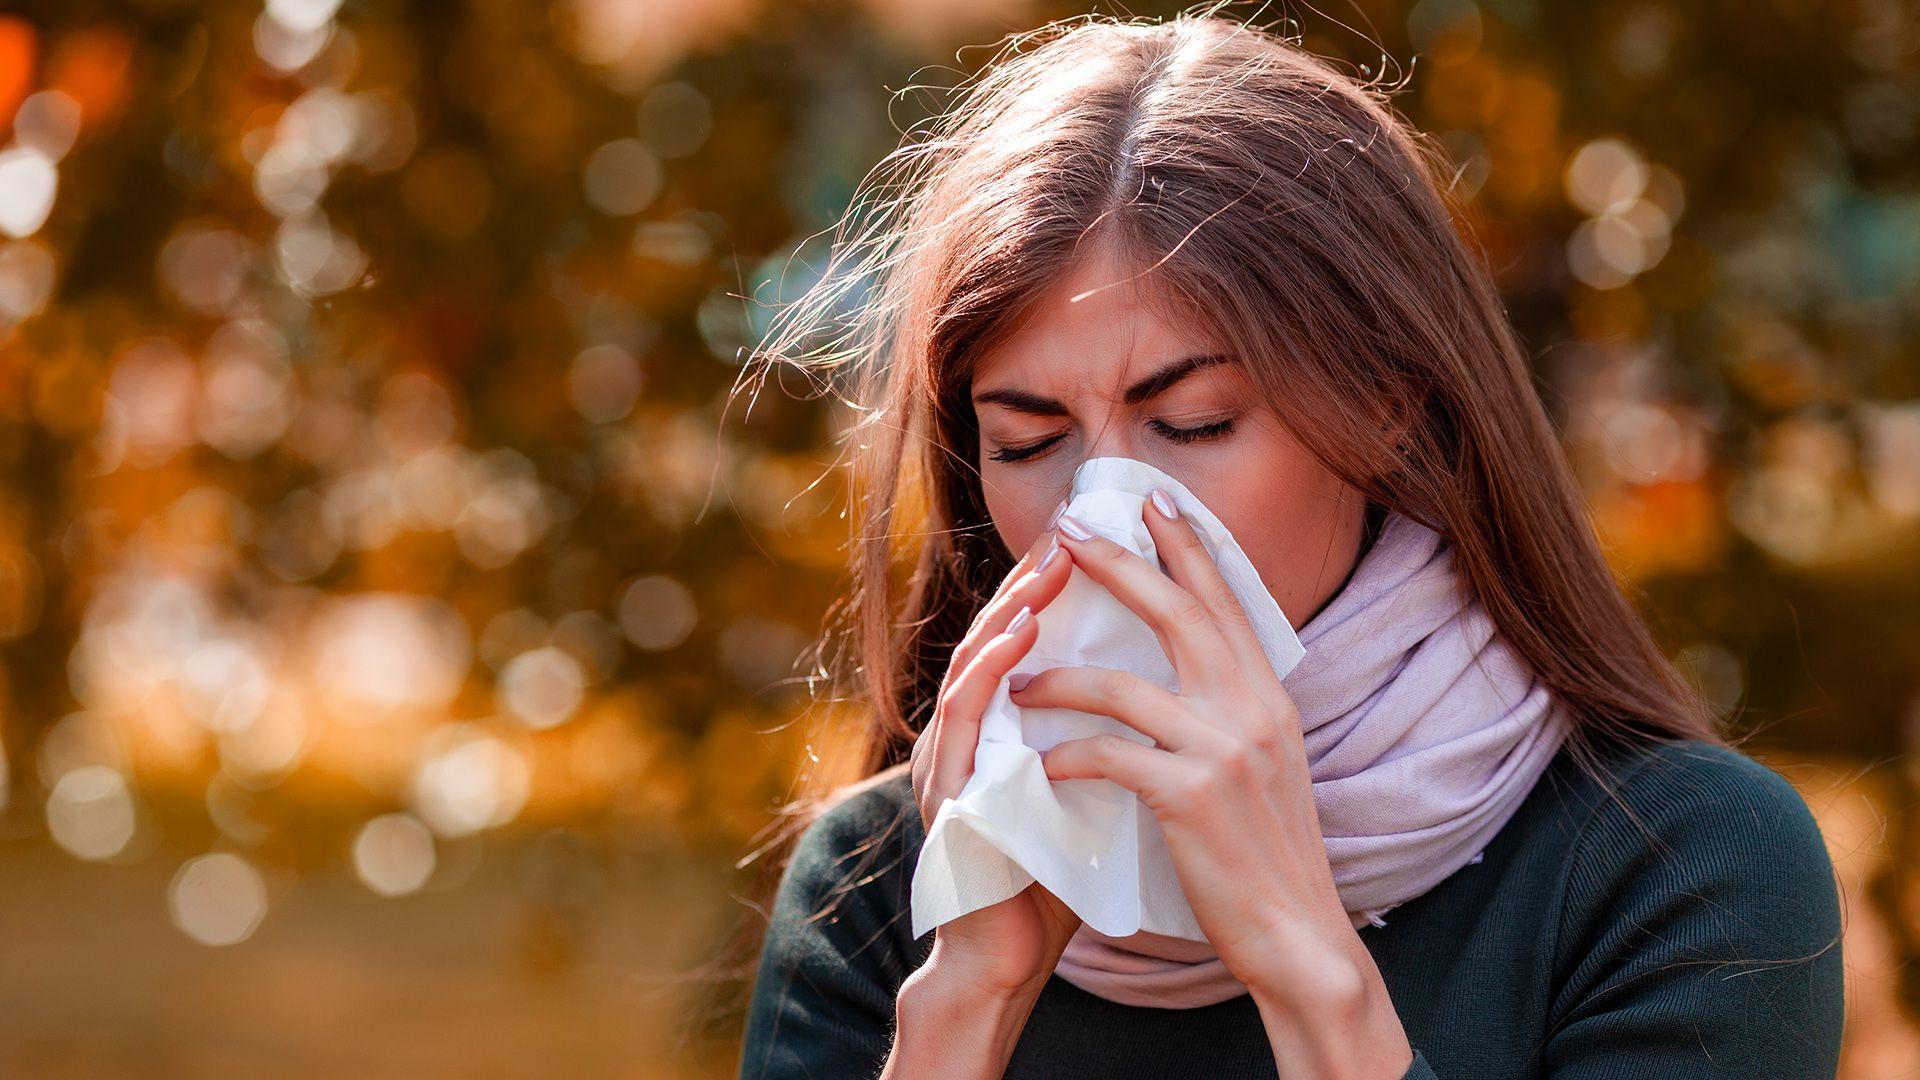 El sistema inmunológico, en especial el de las personas alérgicas, reacciona de manera exagerada y descontrolada ante alérgenos del ambiente (Shutterstock)